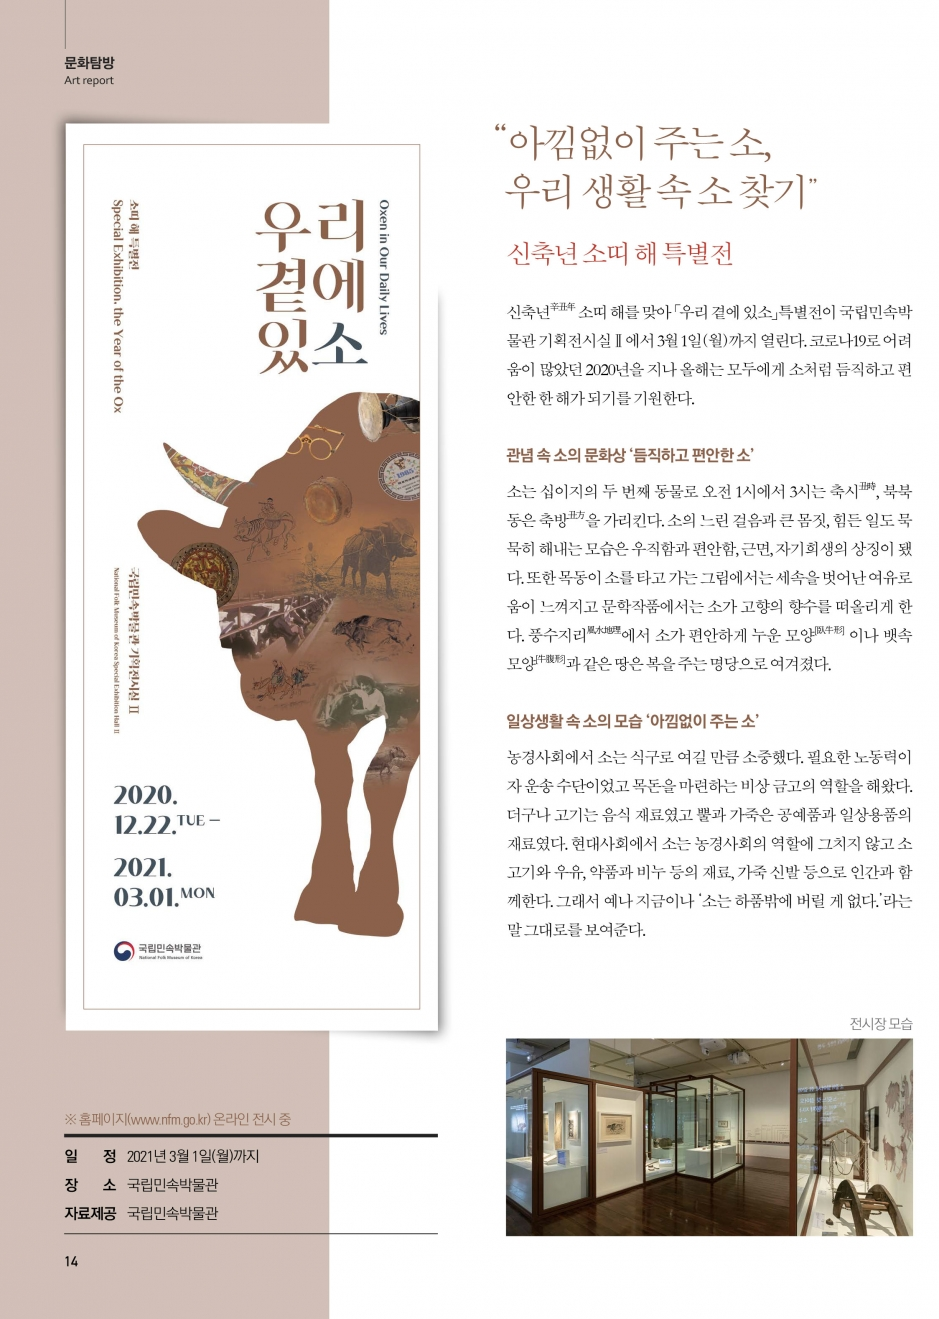 선농문화포럼_낱장-14.jpg